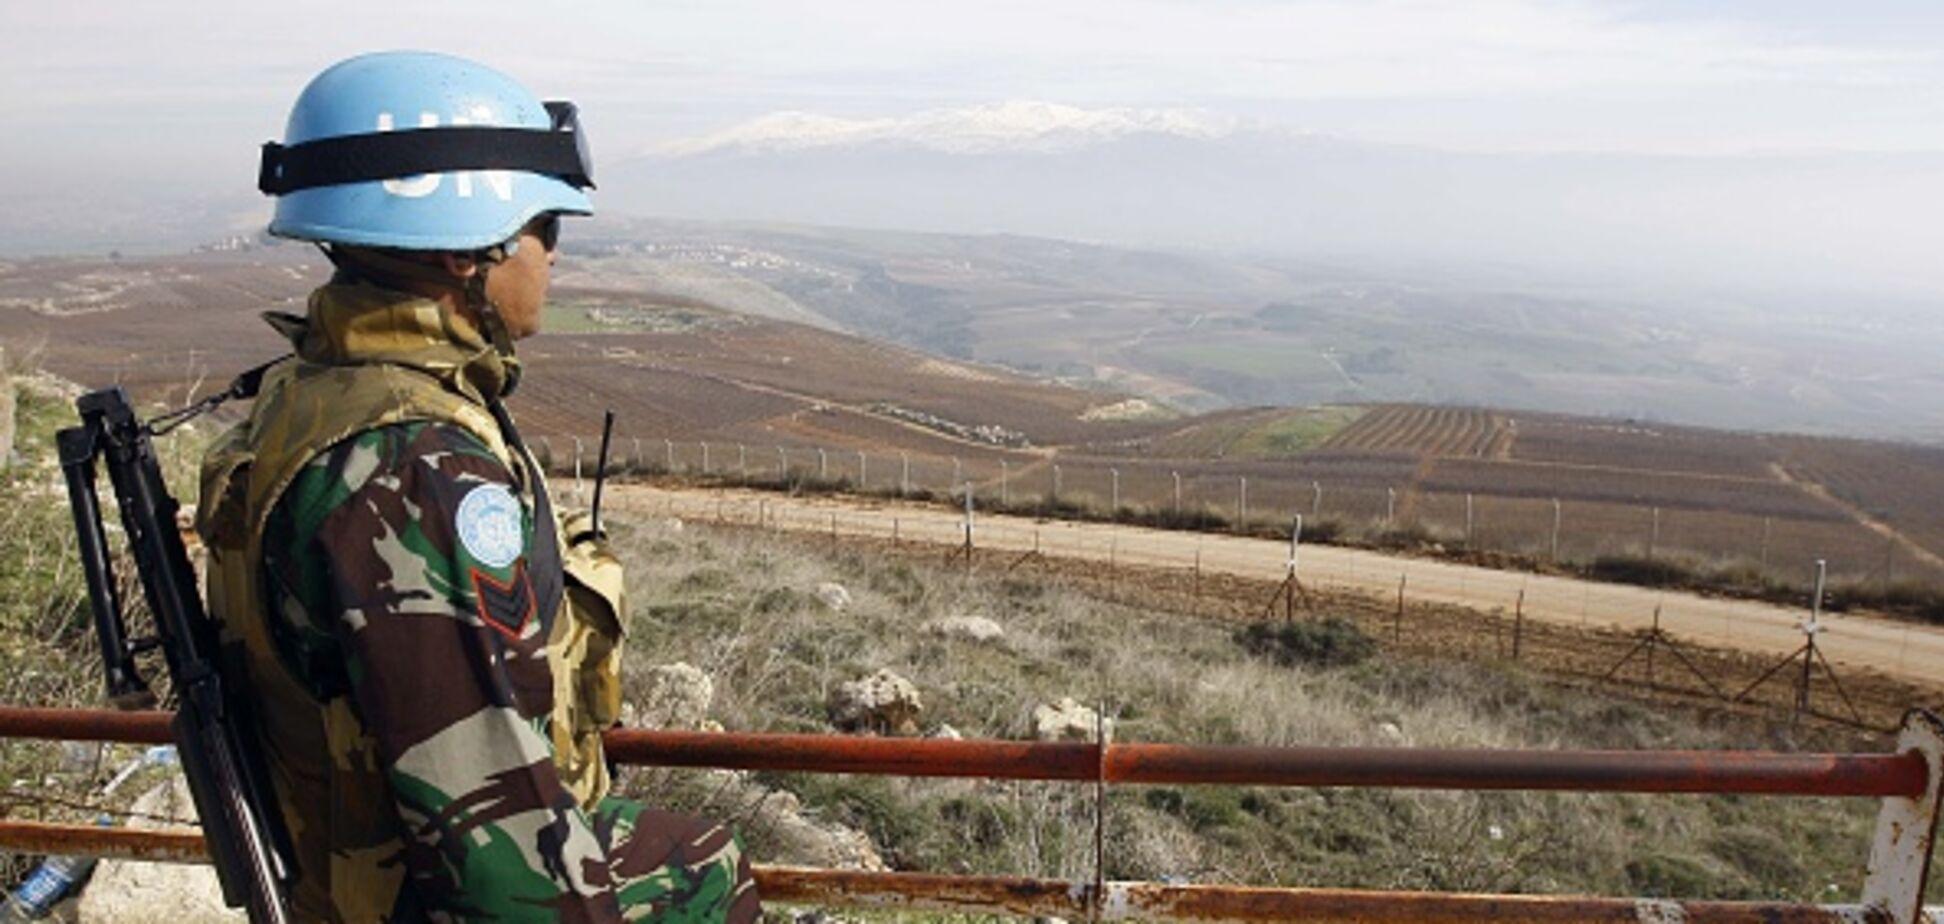 Украинский генерал объяснил, почему необходимо ввести миротворцев на Донбасс